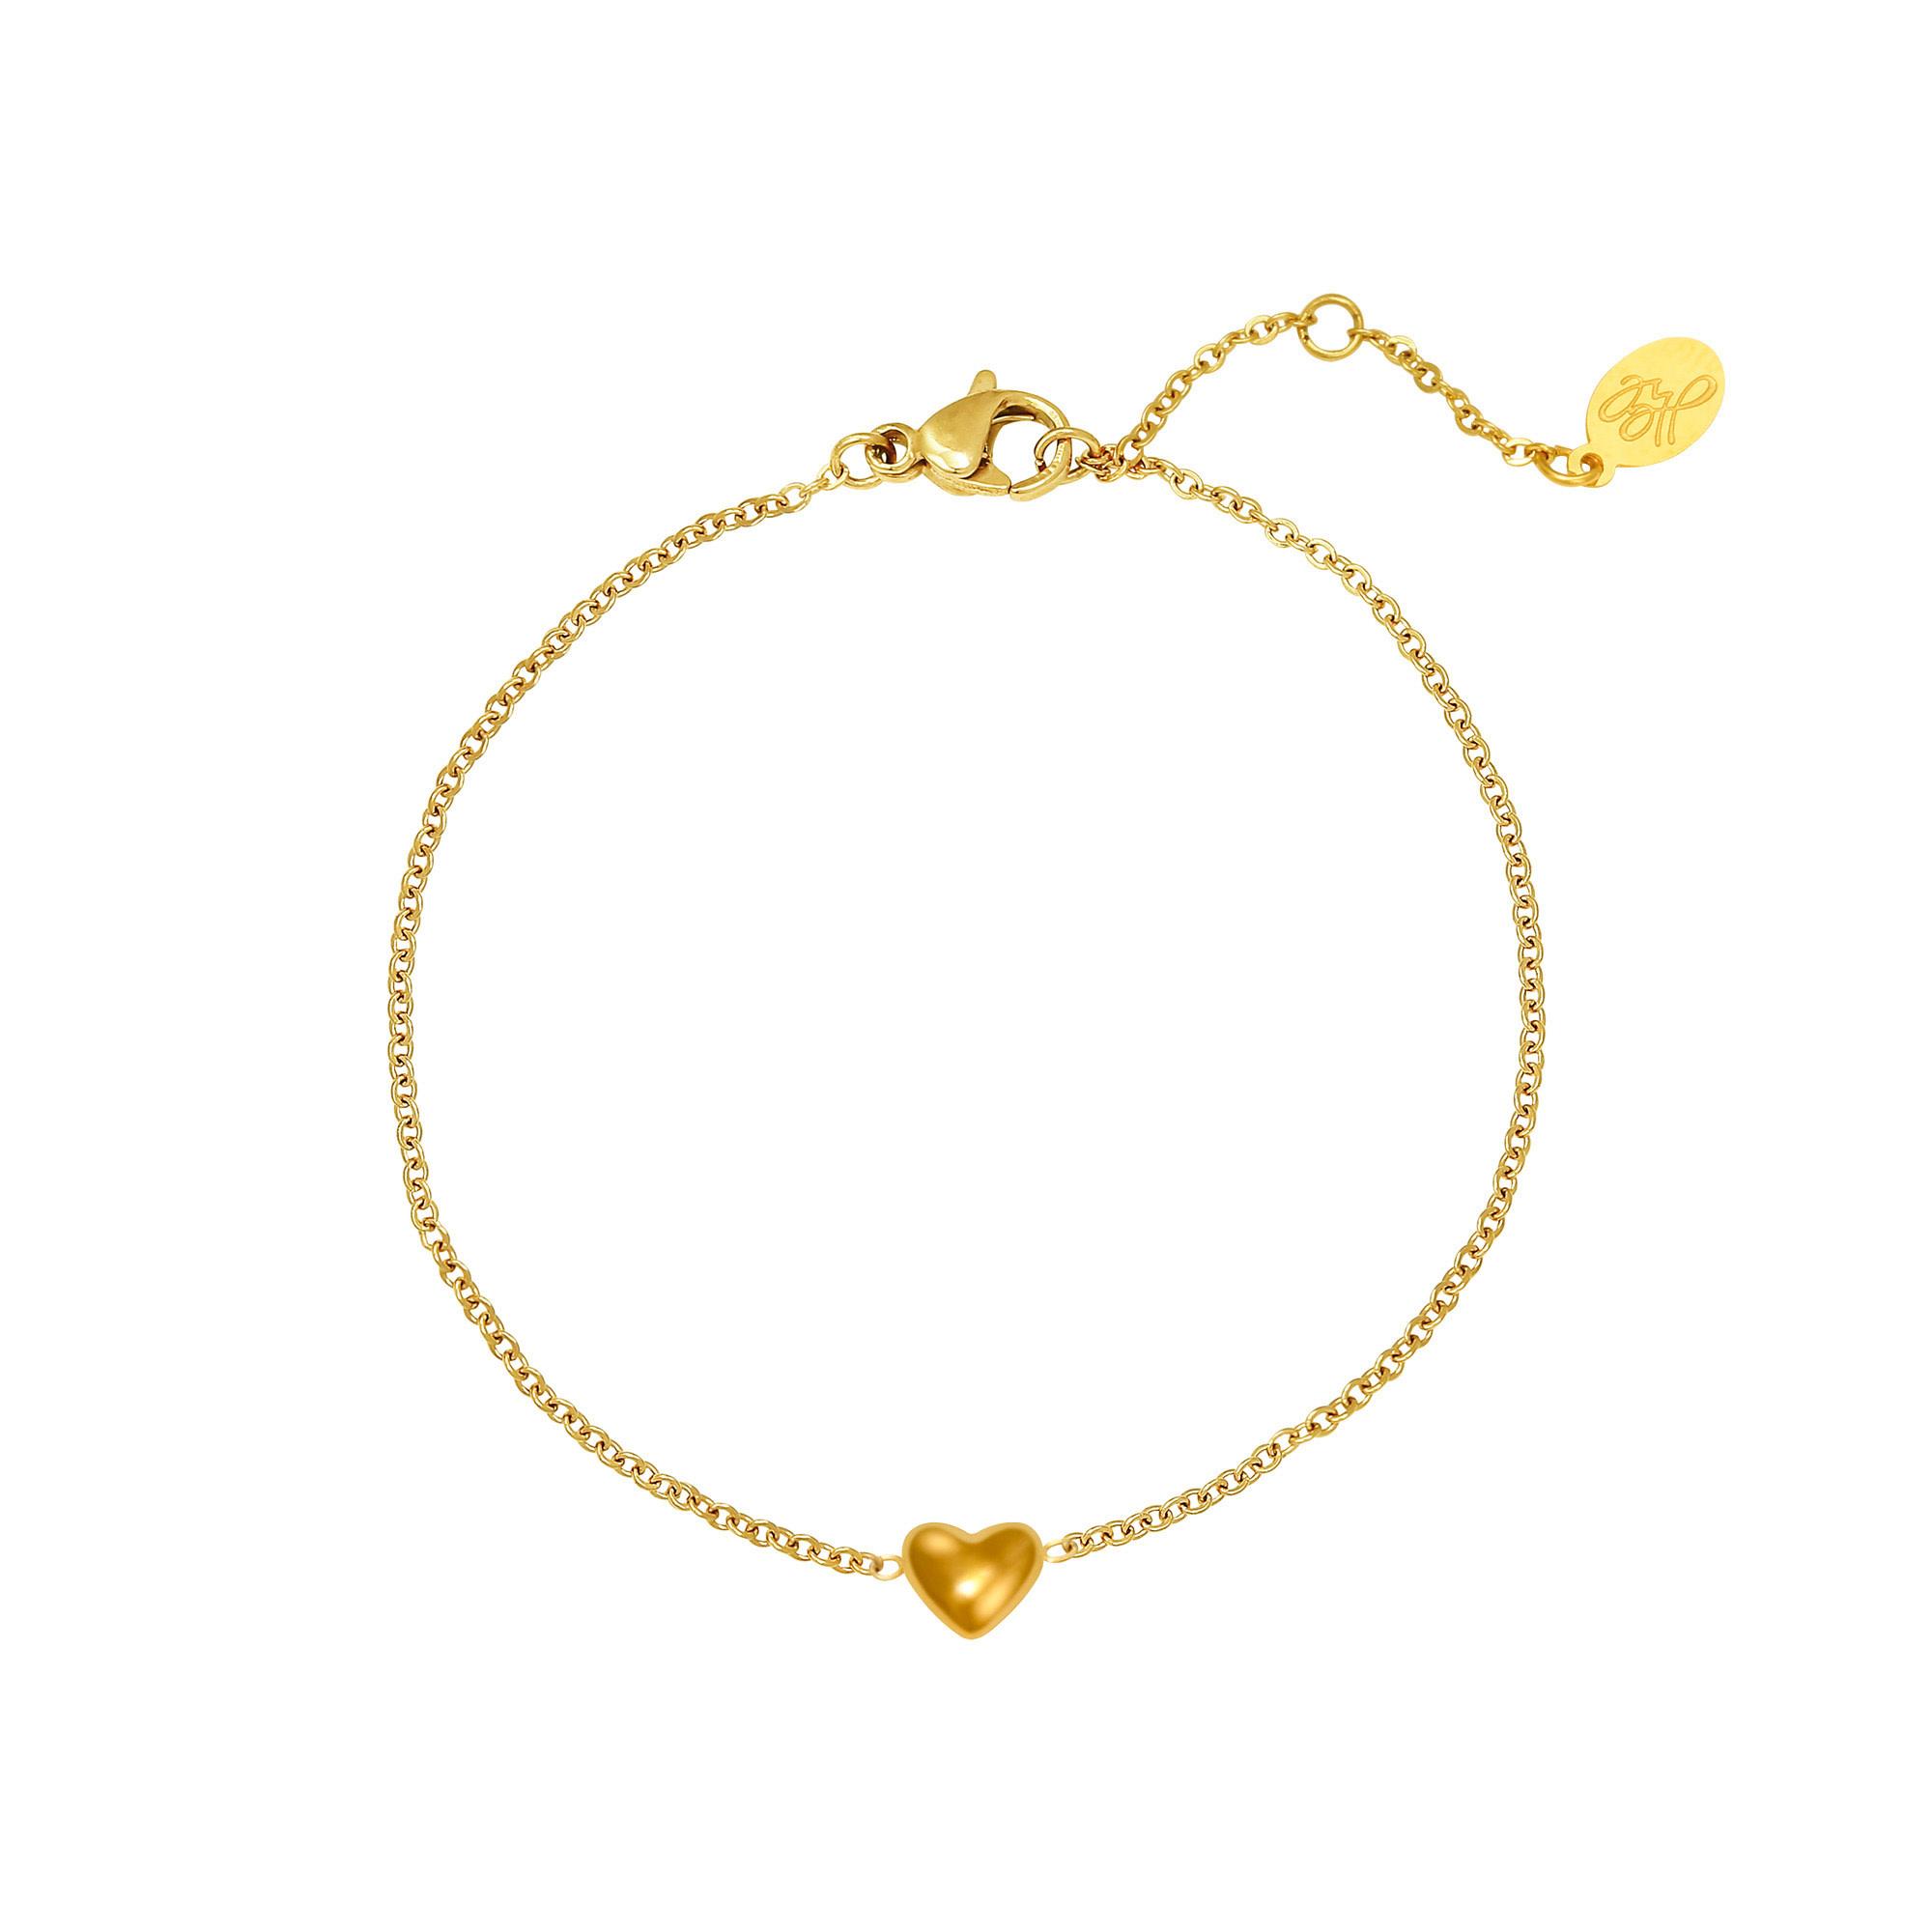 With love Bracelet - Always in my heart